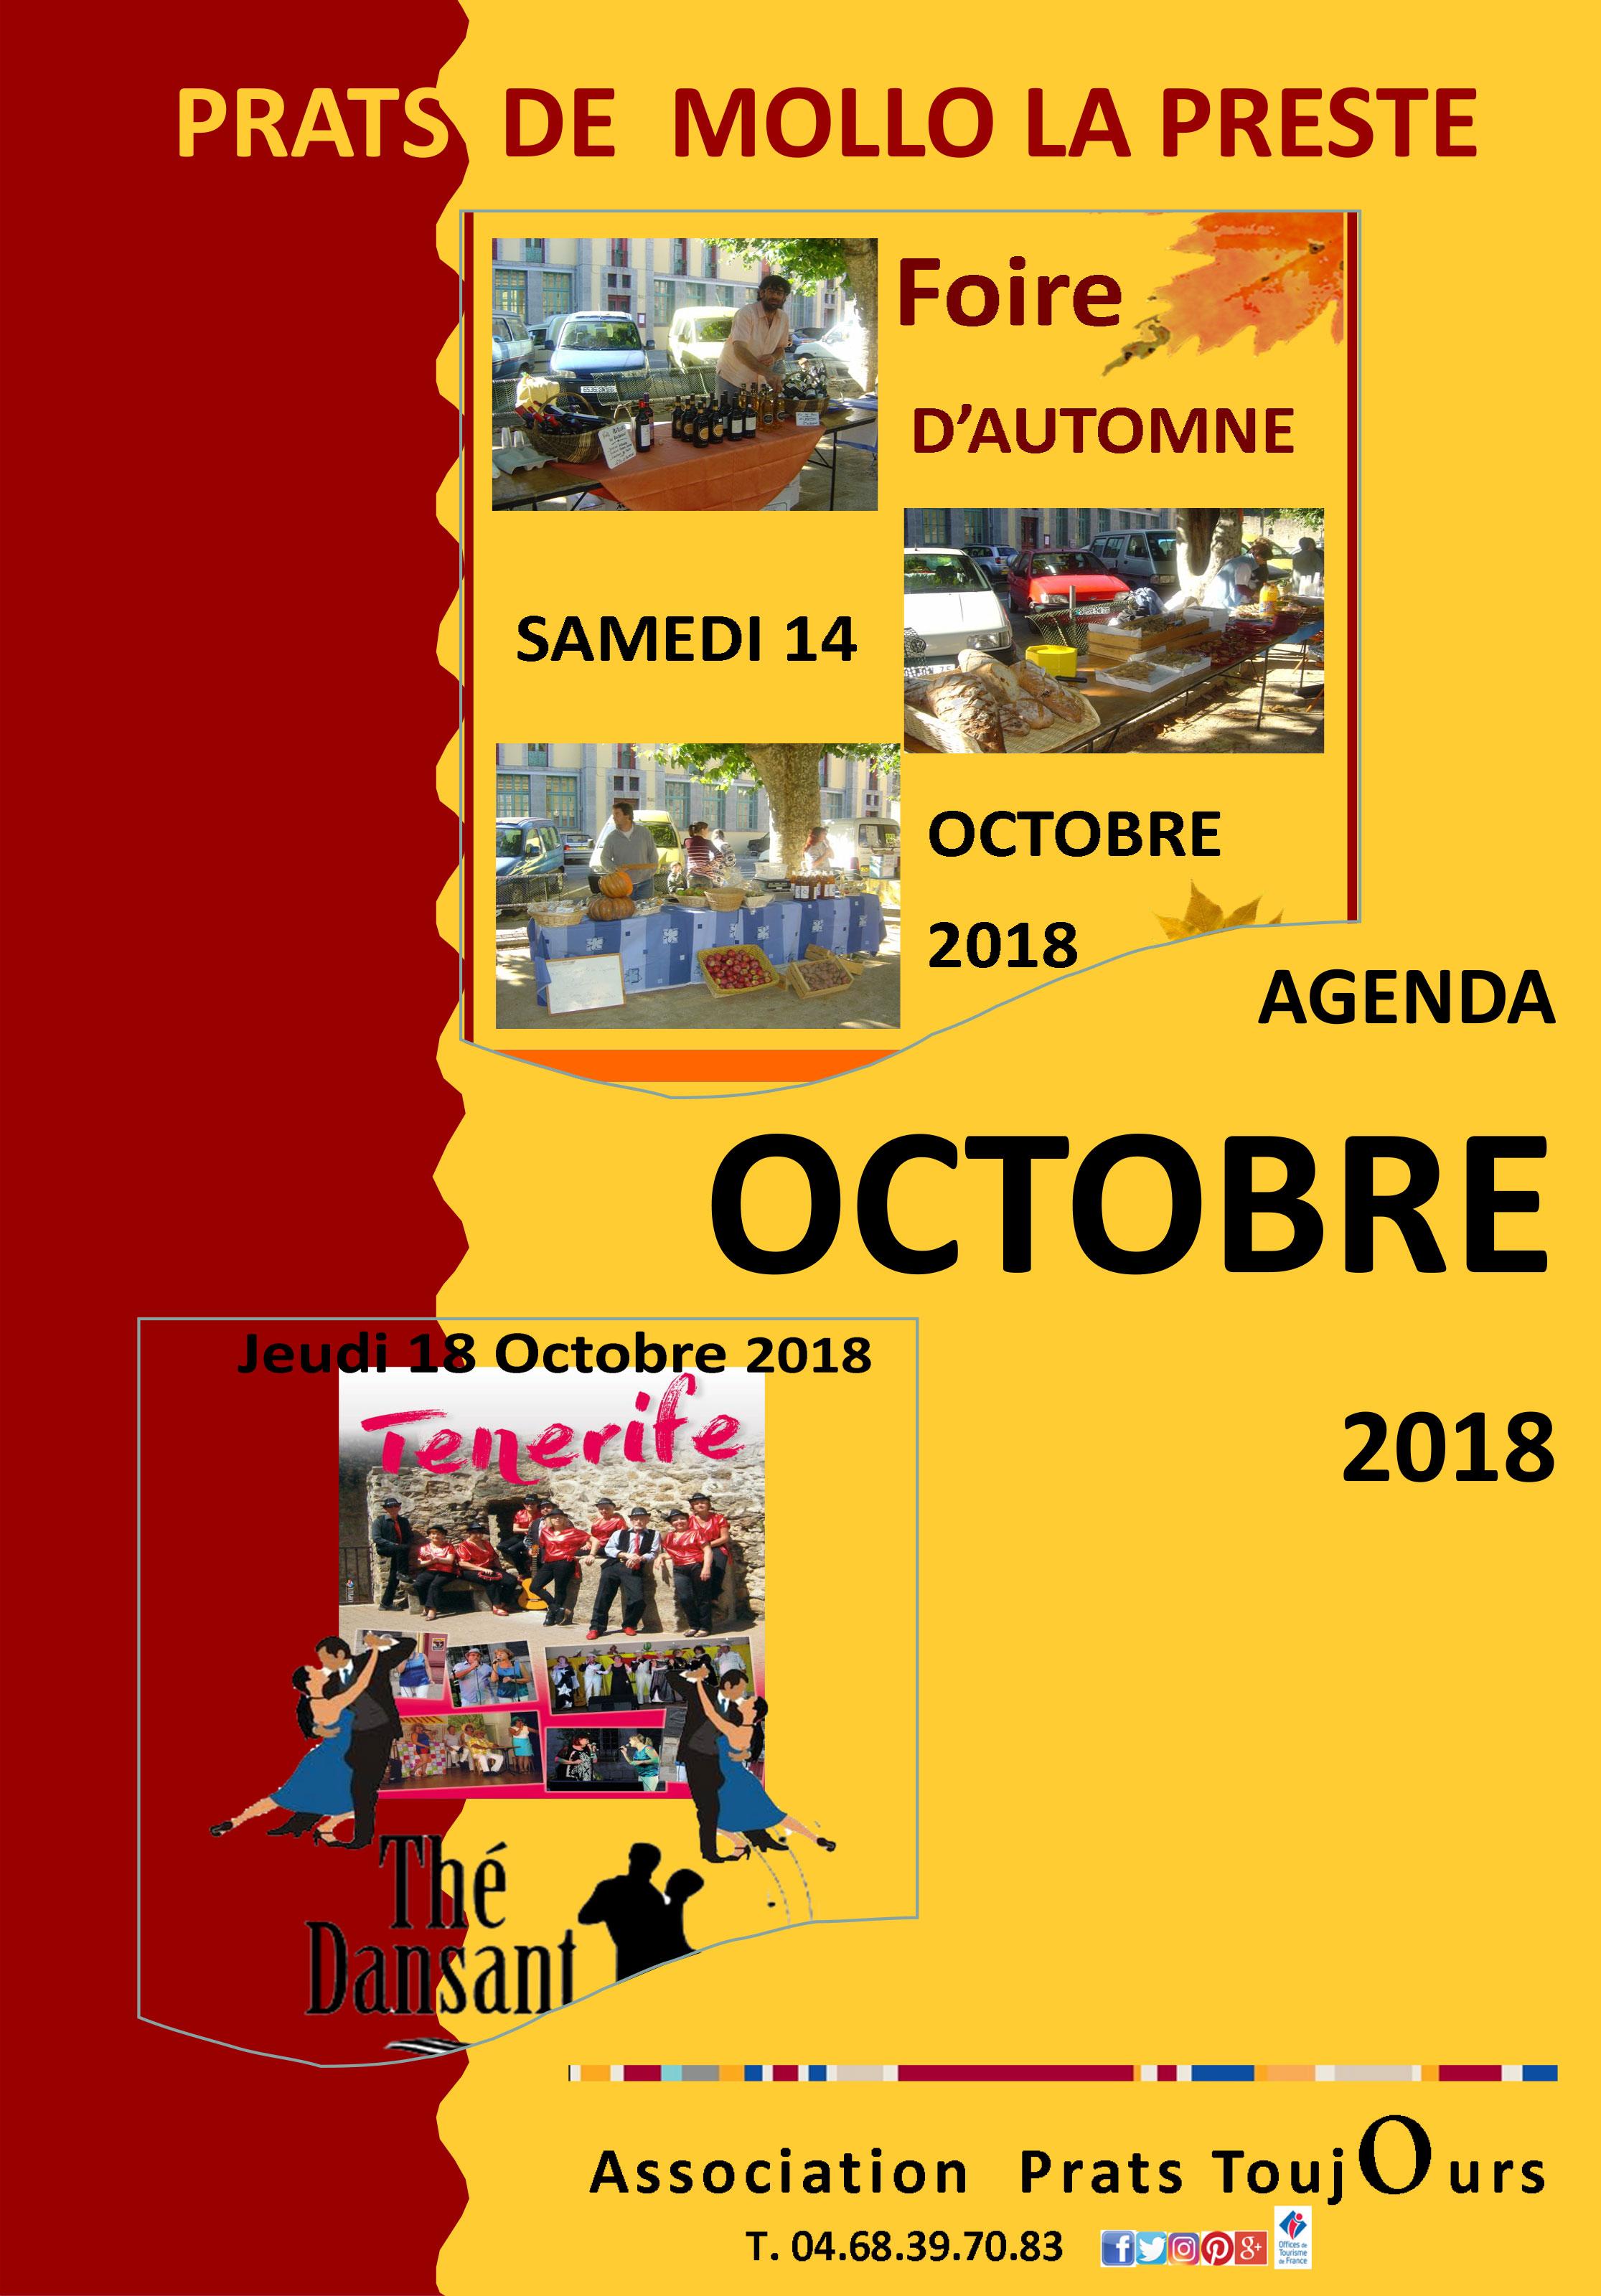 agenda-octobre-2018-1